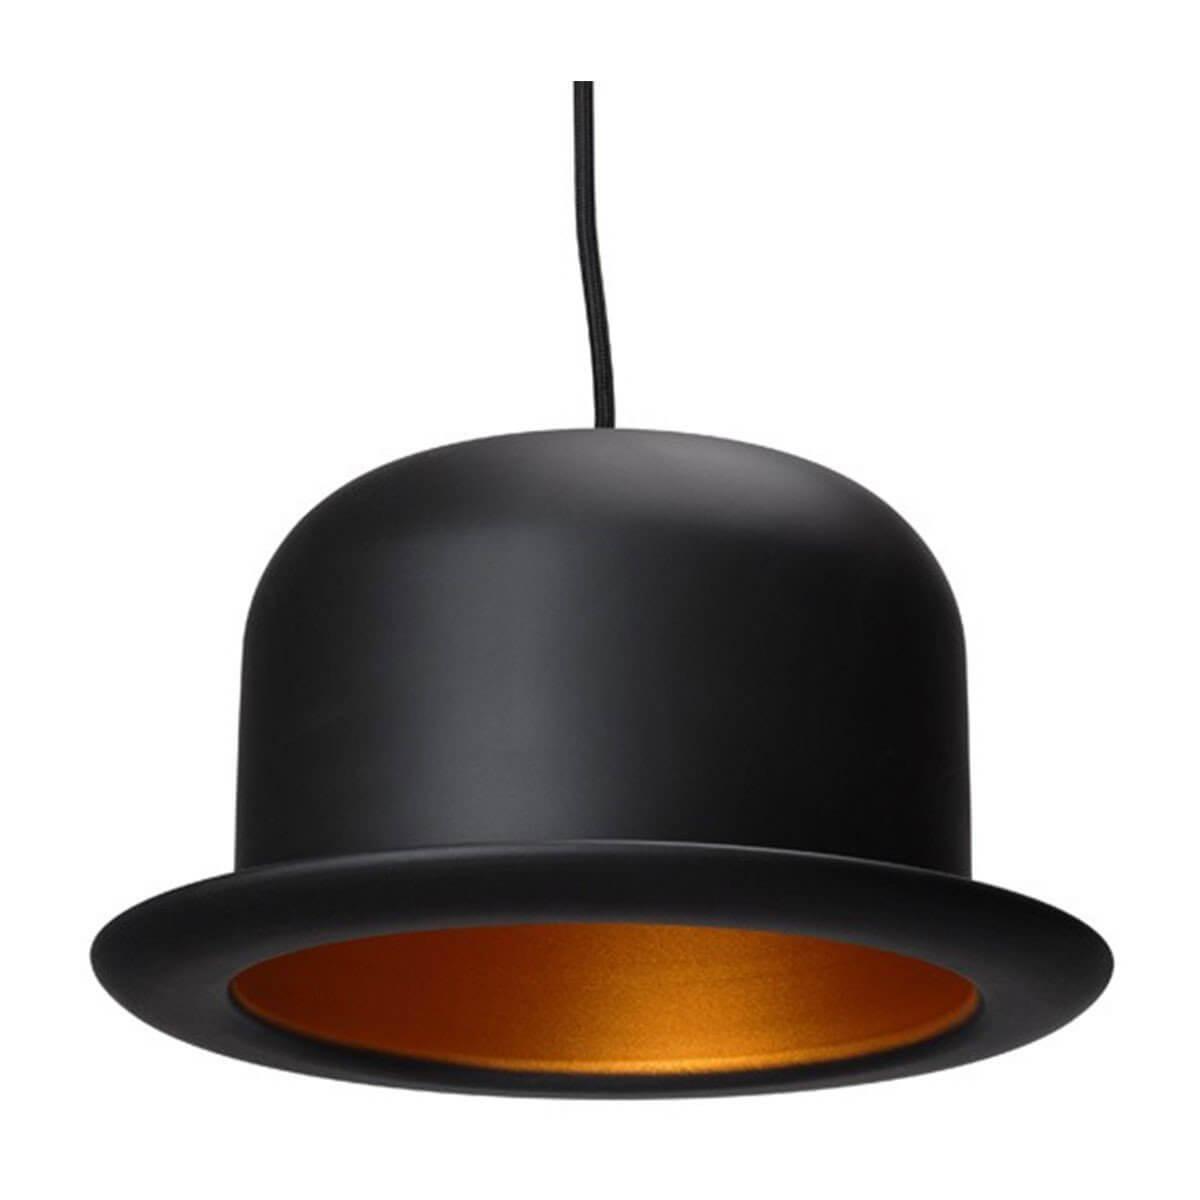 Lampade a sospensione design homehome for Lampade design